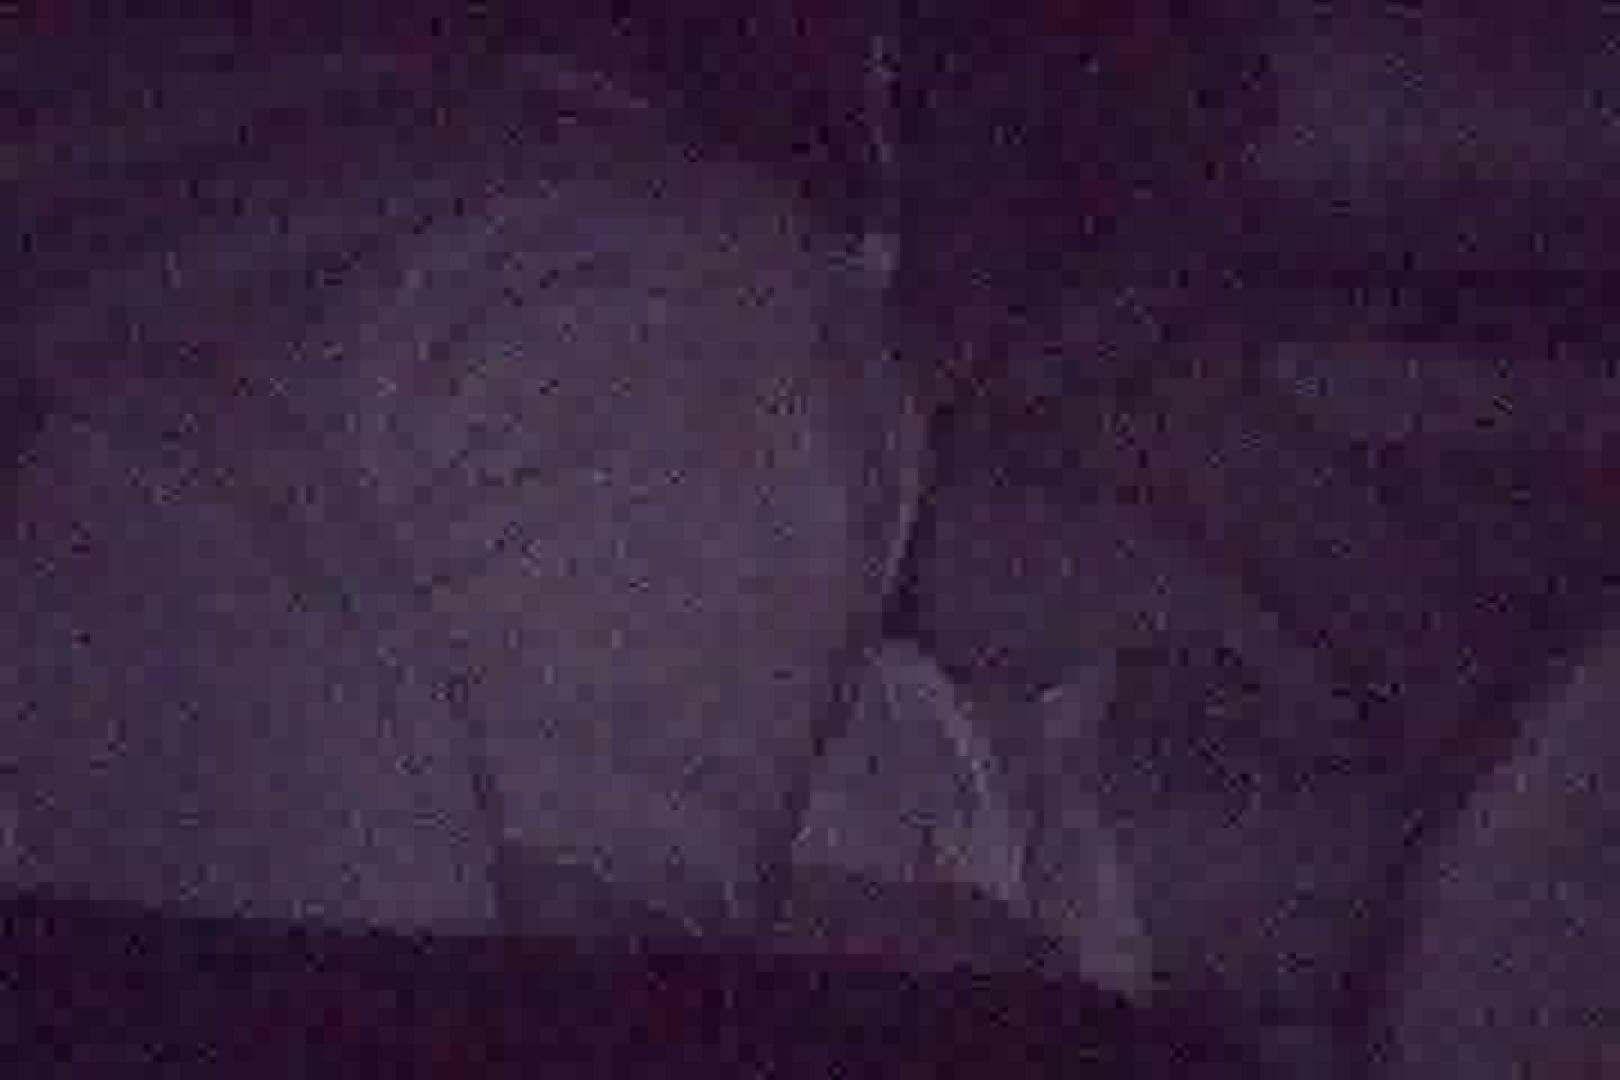 充血監督の深夜の運動会Vol.115 OLエロ画像  77PICs 16